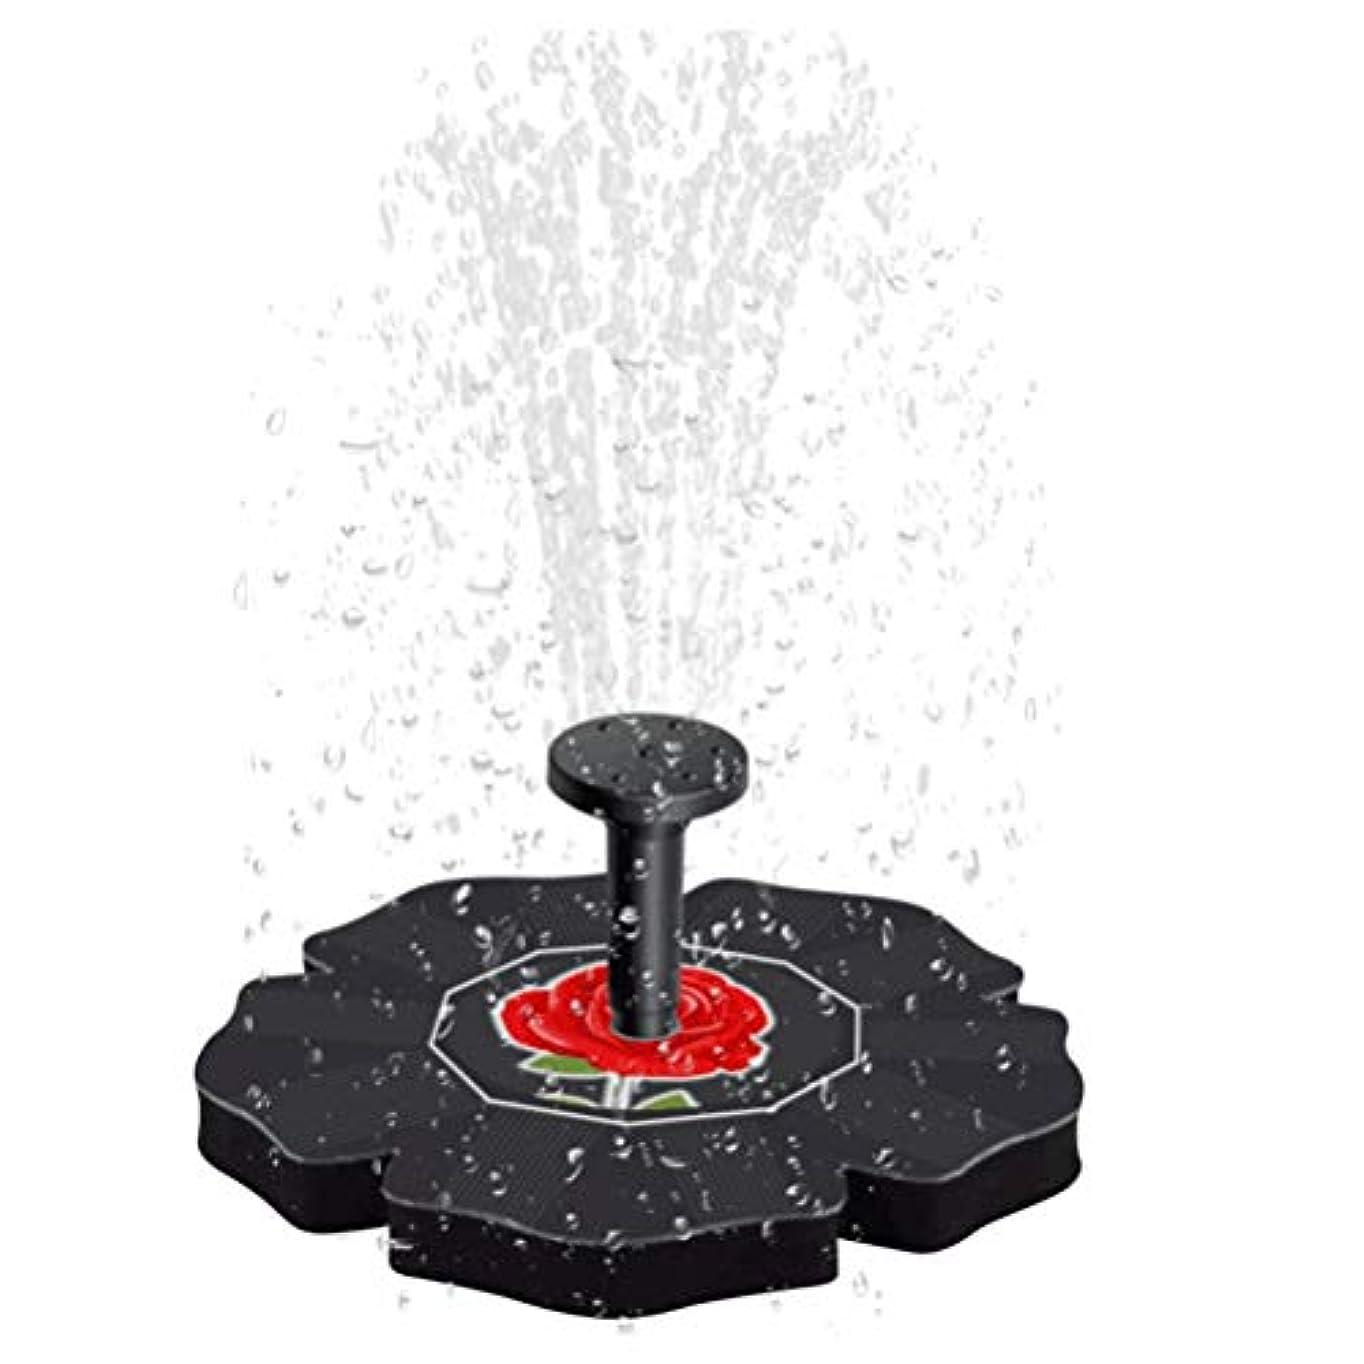 モスク後世ピッチャーVOSAREA 鳥風呂噴水水ポンプソーラーパワーポンプブラシレスフローティング漂流パネル用鳥風呂水槽水槽水族館庭の芝生